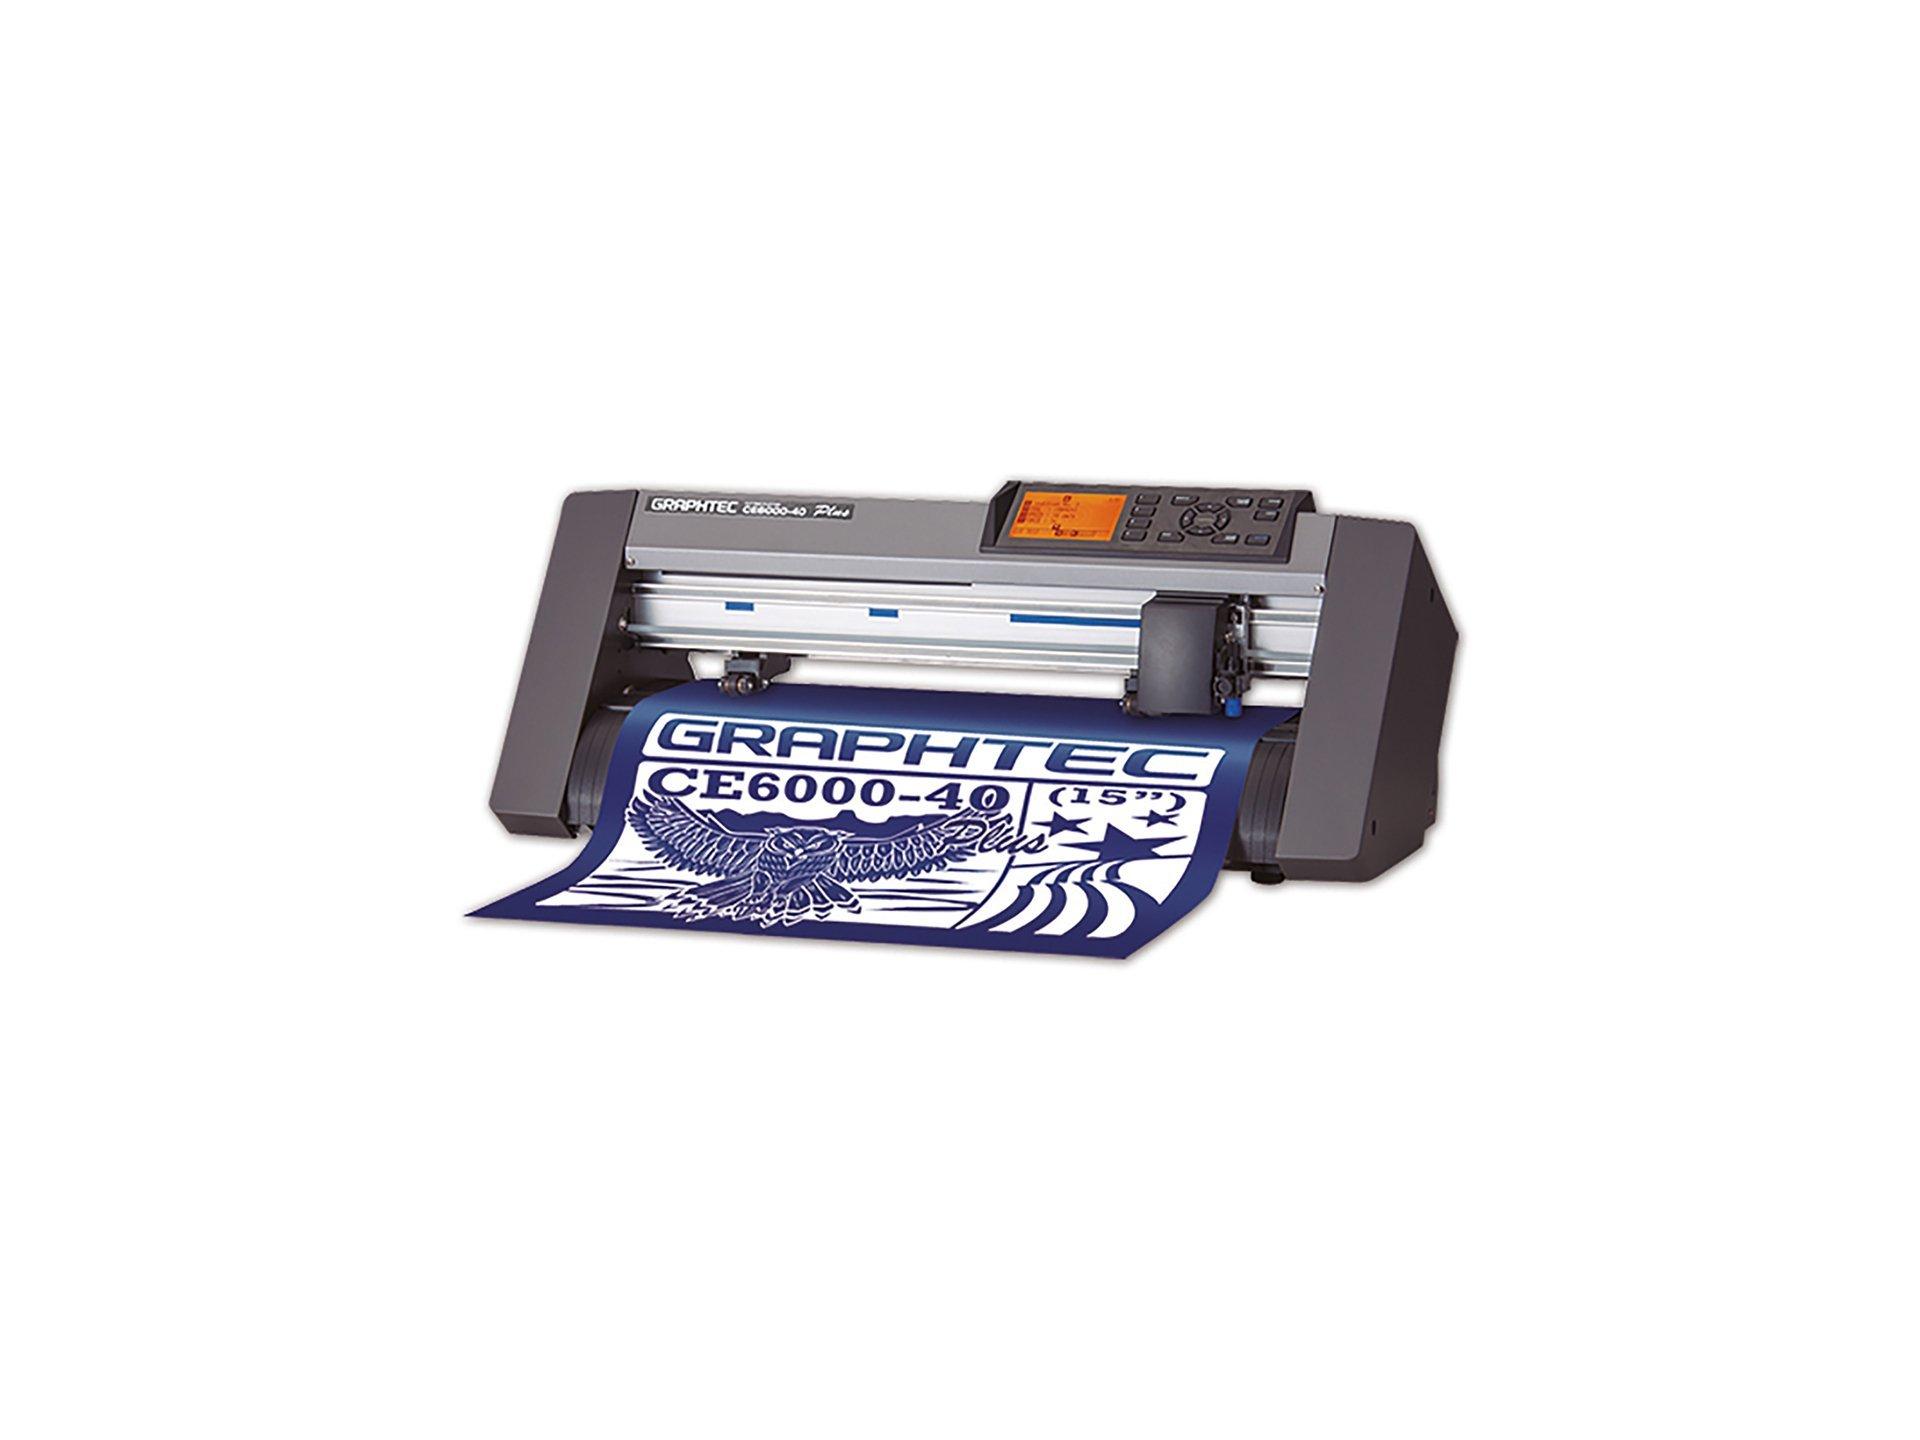 Graphtec Schneideplotter CE6000-40 PLUS kaufen | Modulor